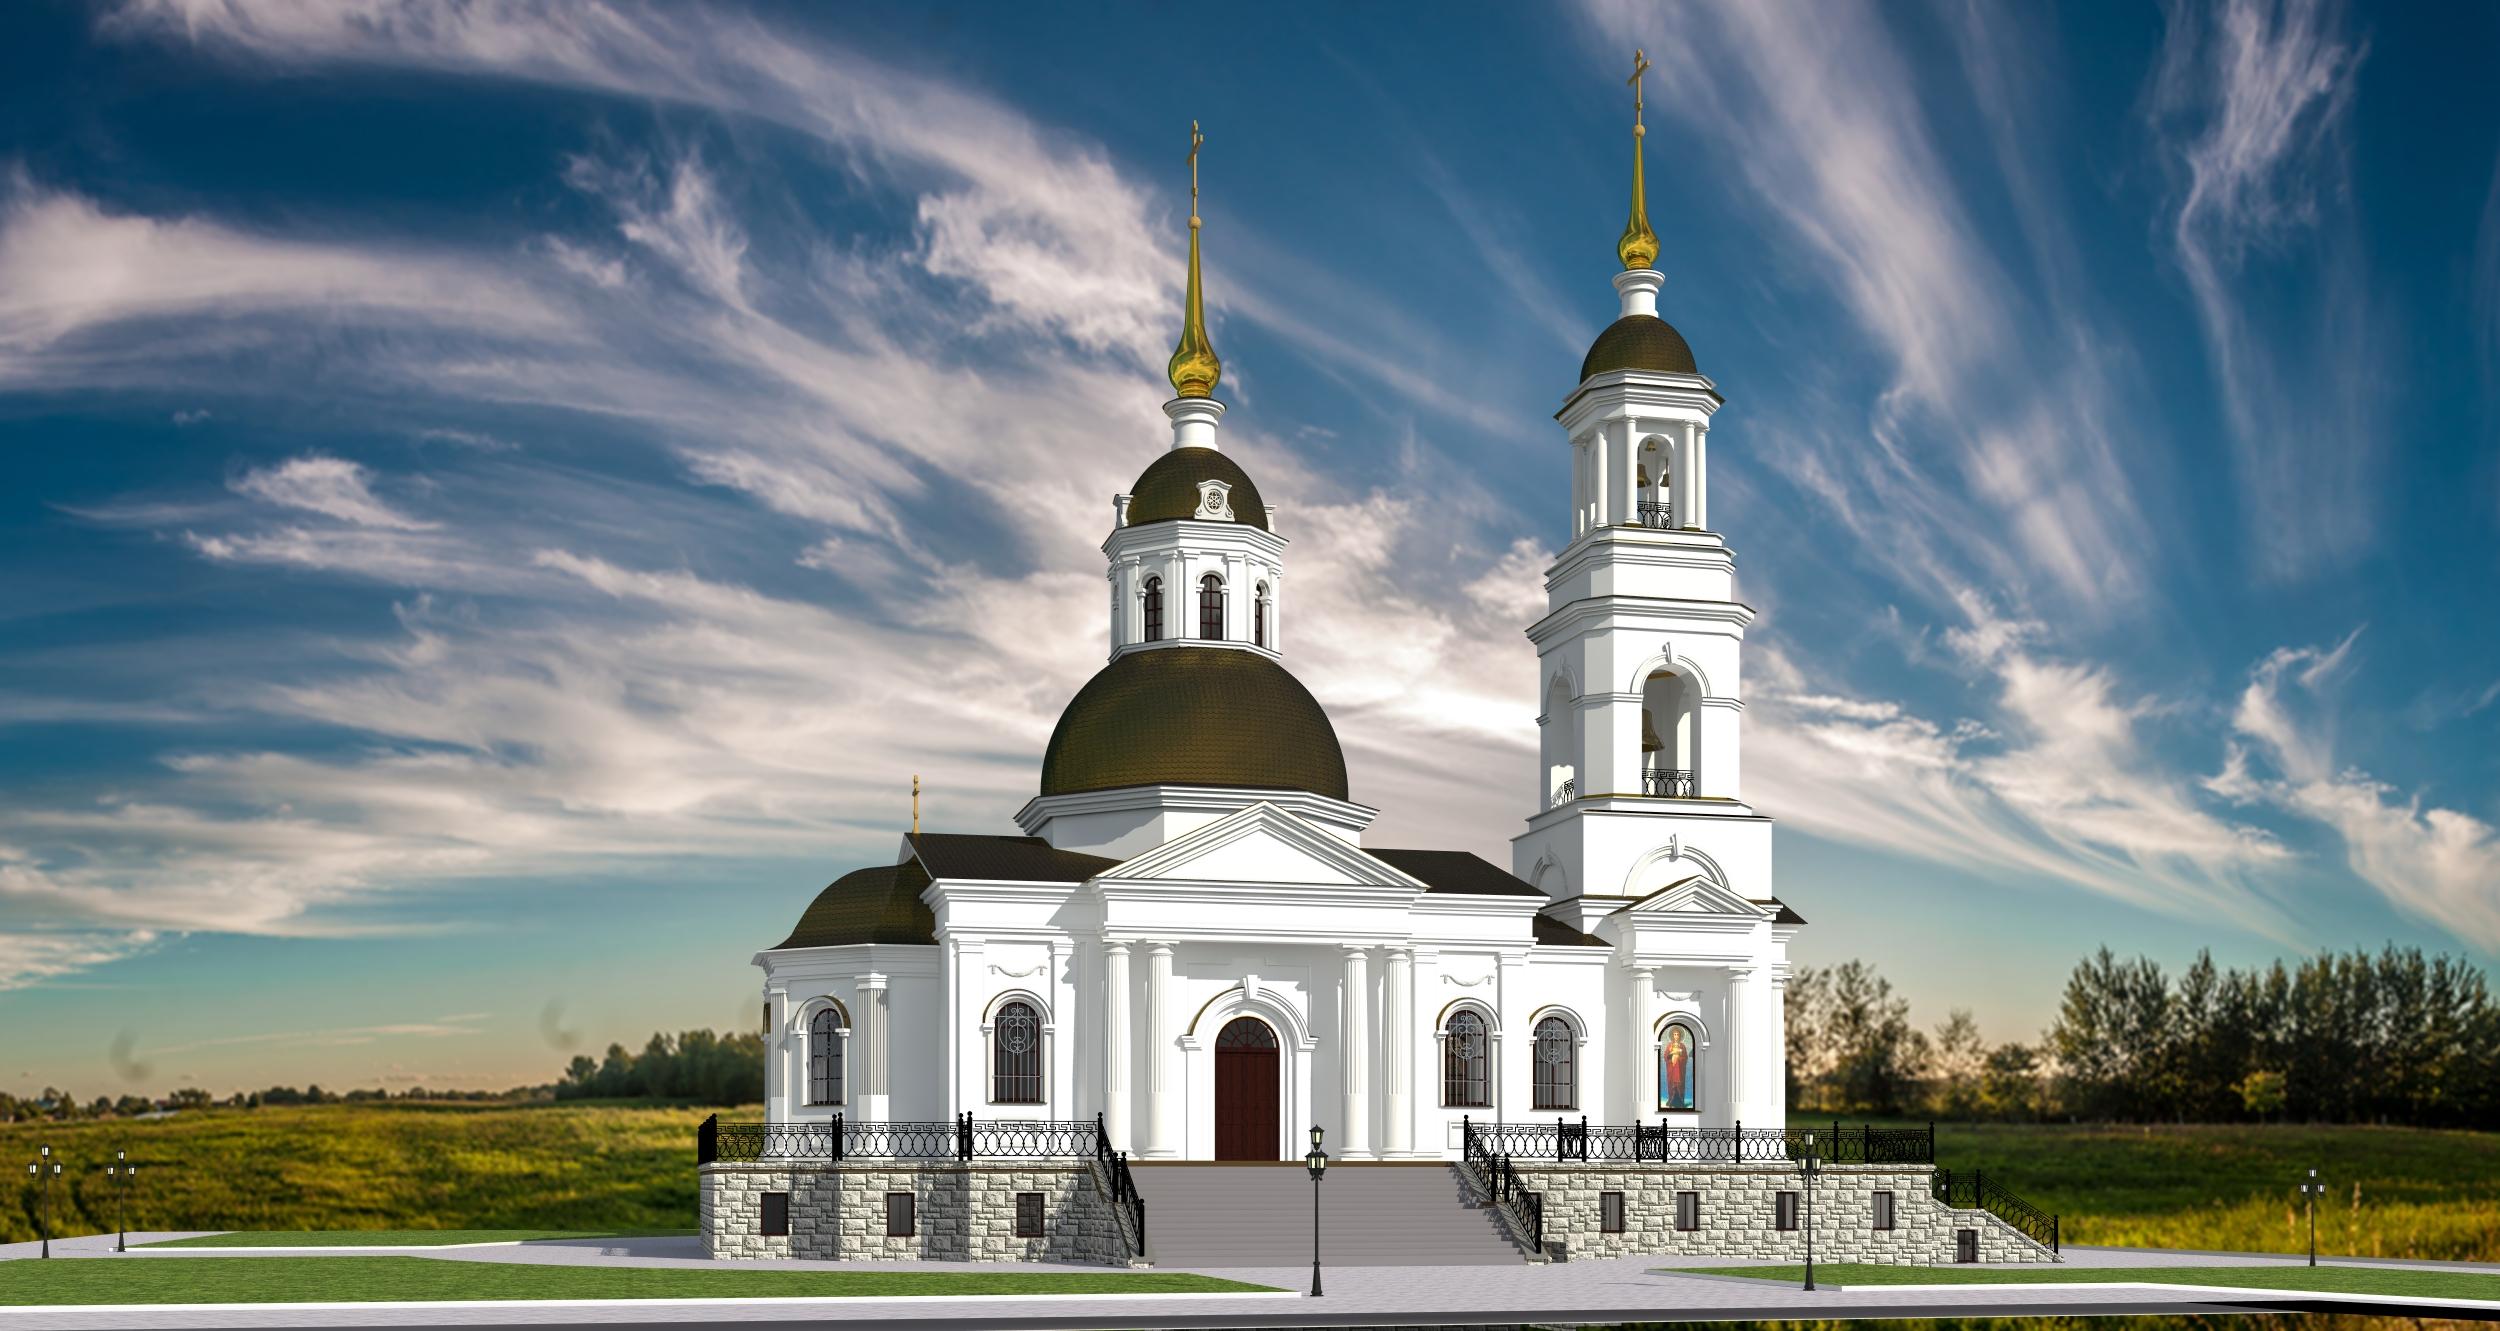 Храм Преображение Господня